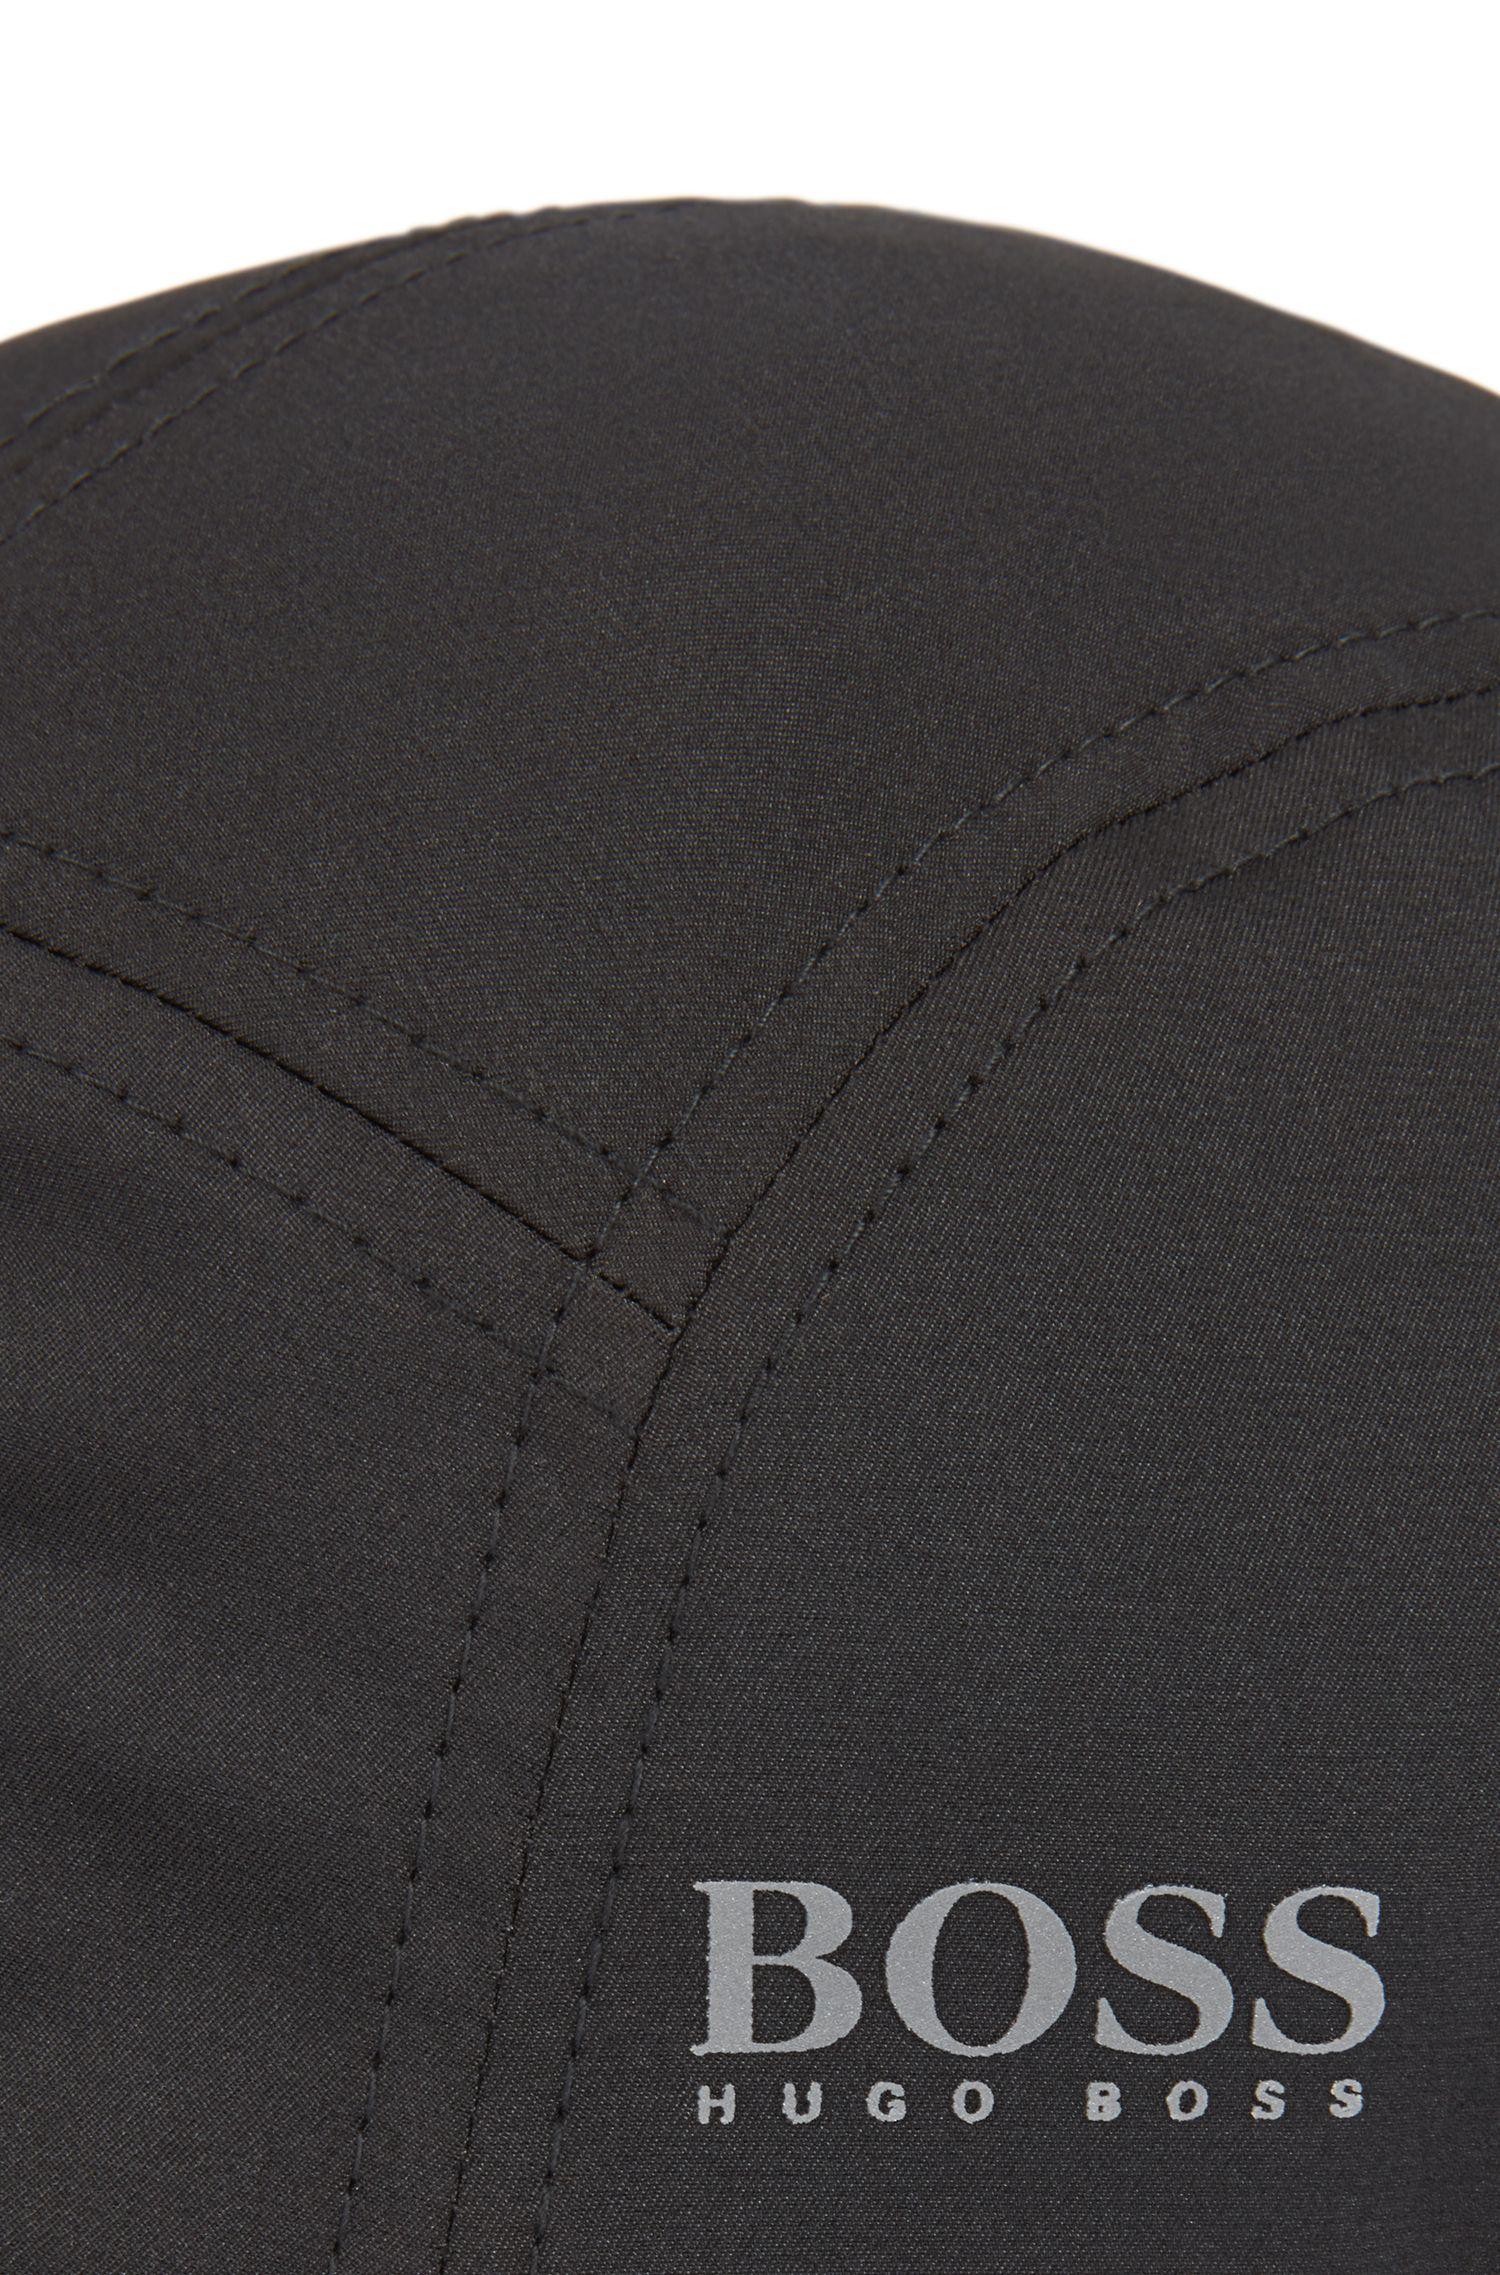 Hugo Boss - Gorra con visera recortada y detalles reflectantes - 3